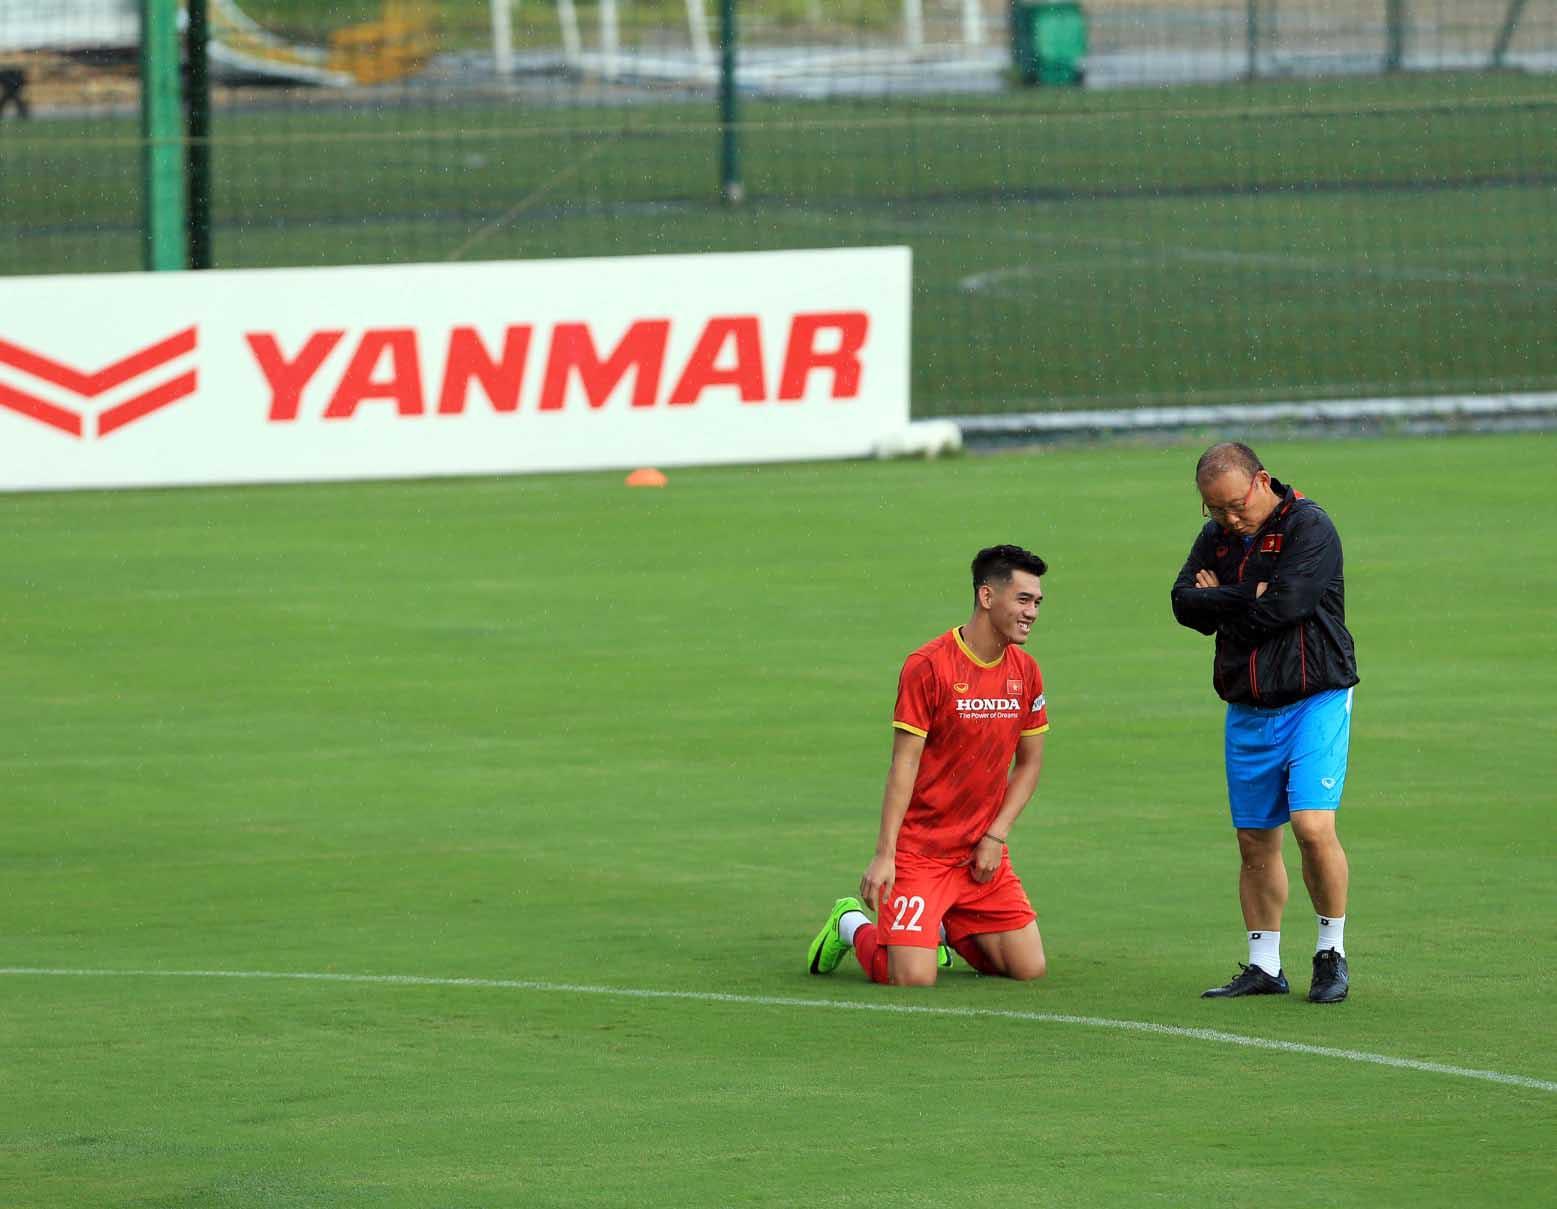 Đội tuyển Việt Nam trở lại tập luyện, hướng tới trận đấu với đội tuyển Trung Quốc và Oman -5